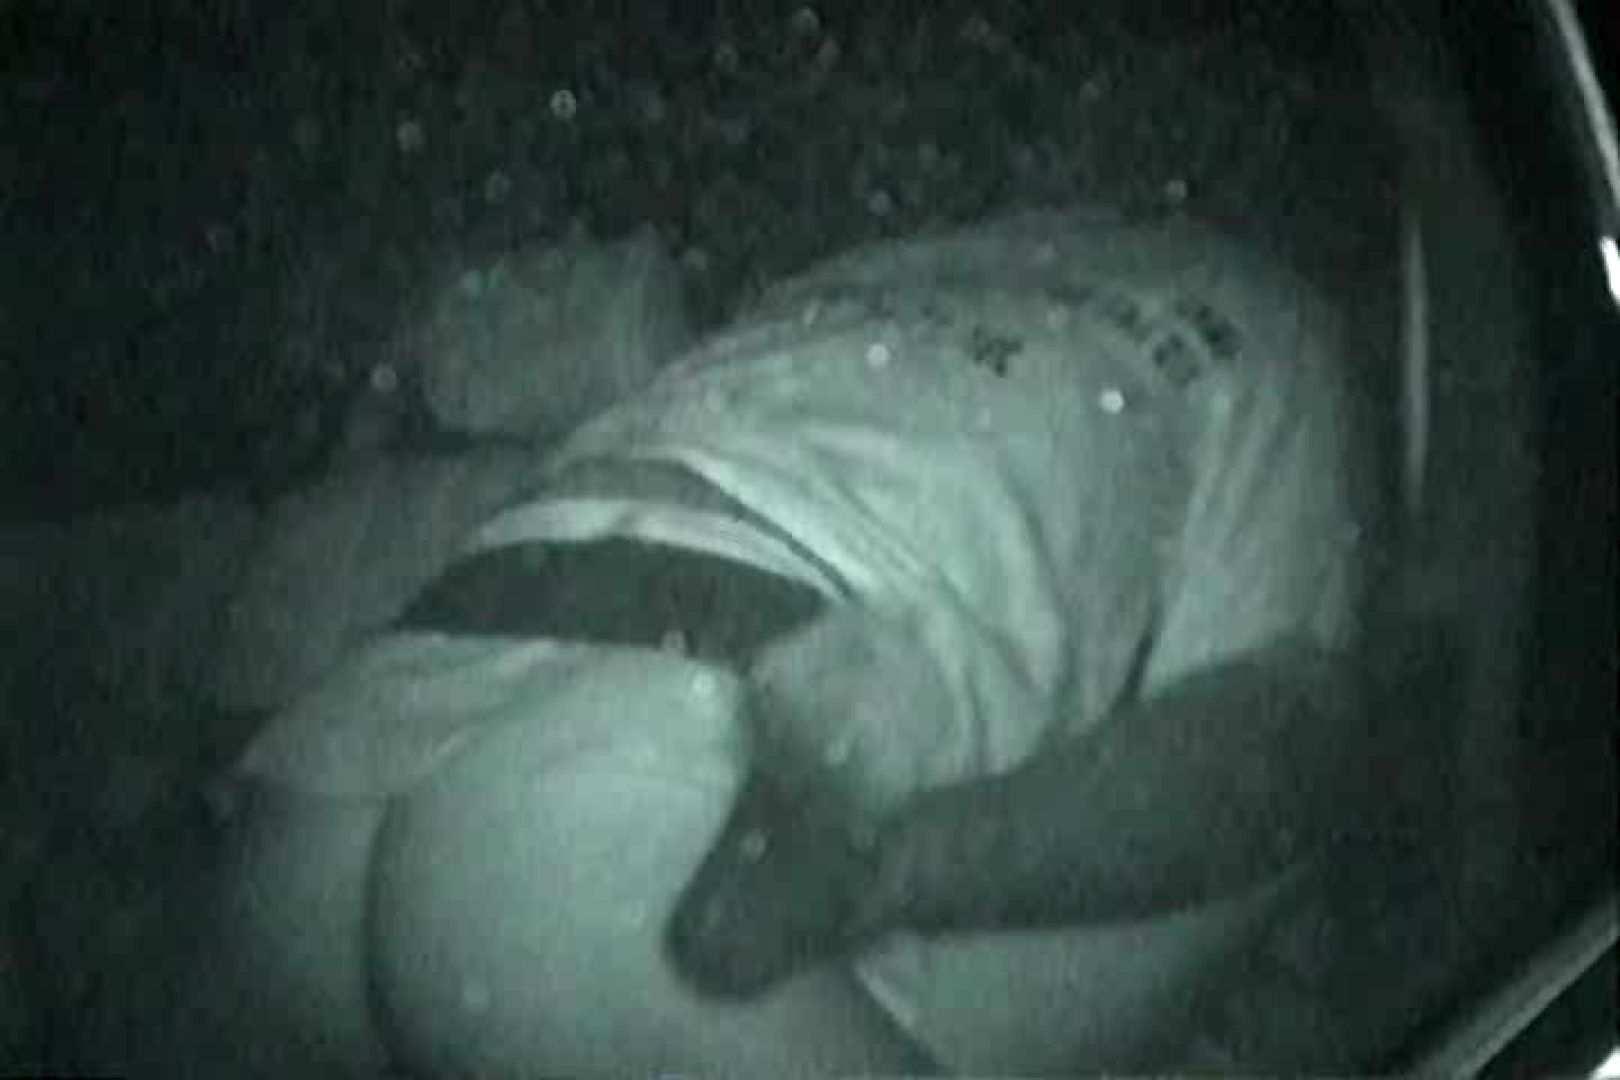 充血監督の深夜の運動会Vol.124 エロティックなOL ワレメ無修正動画無料 97画像 74